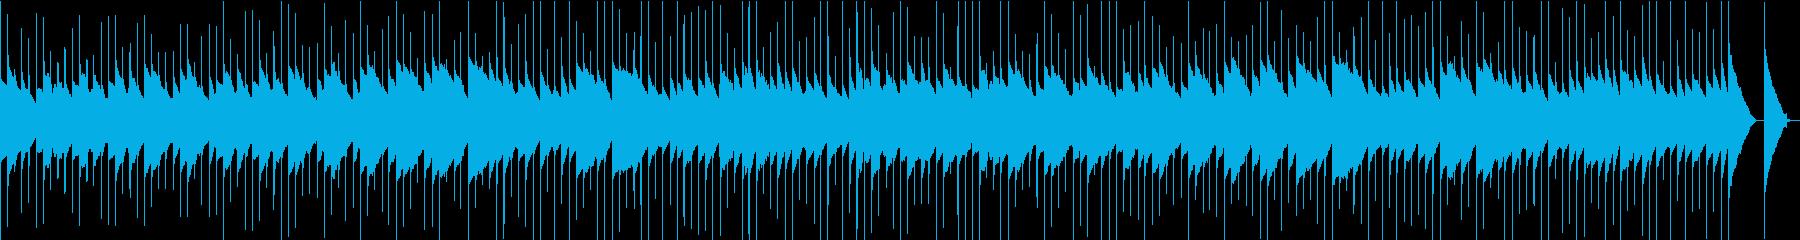 ノスタルジックで何かの始まりな感じの再生済みの波形